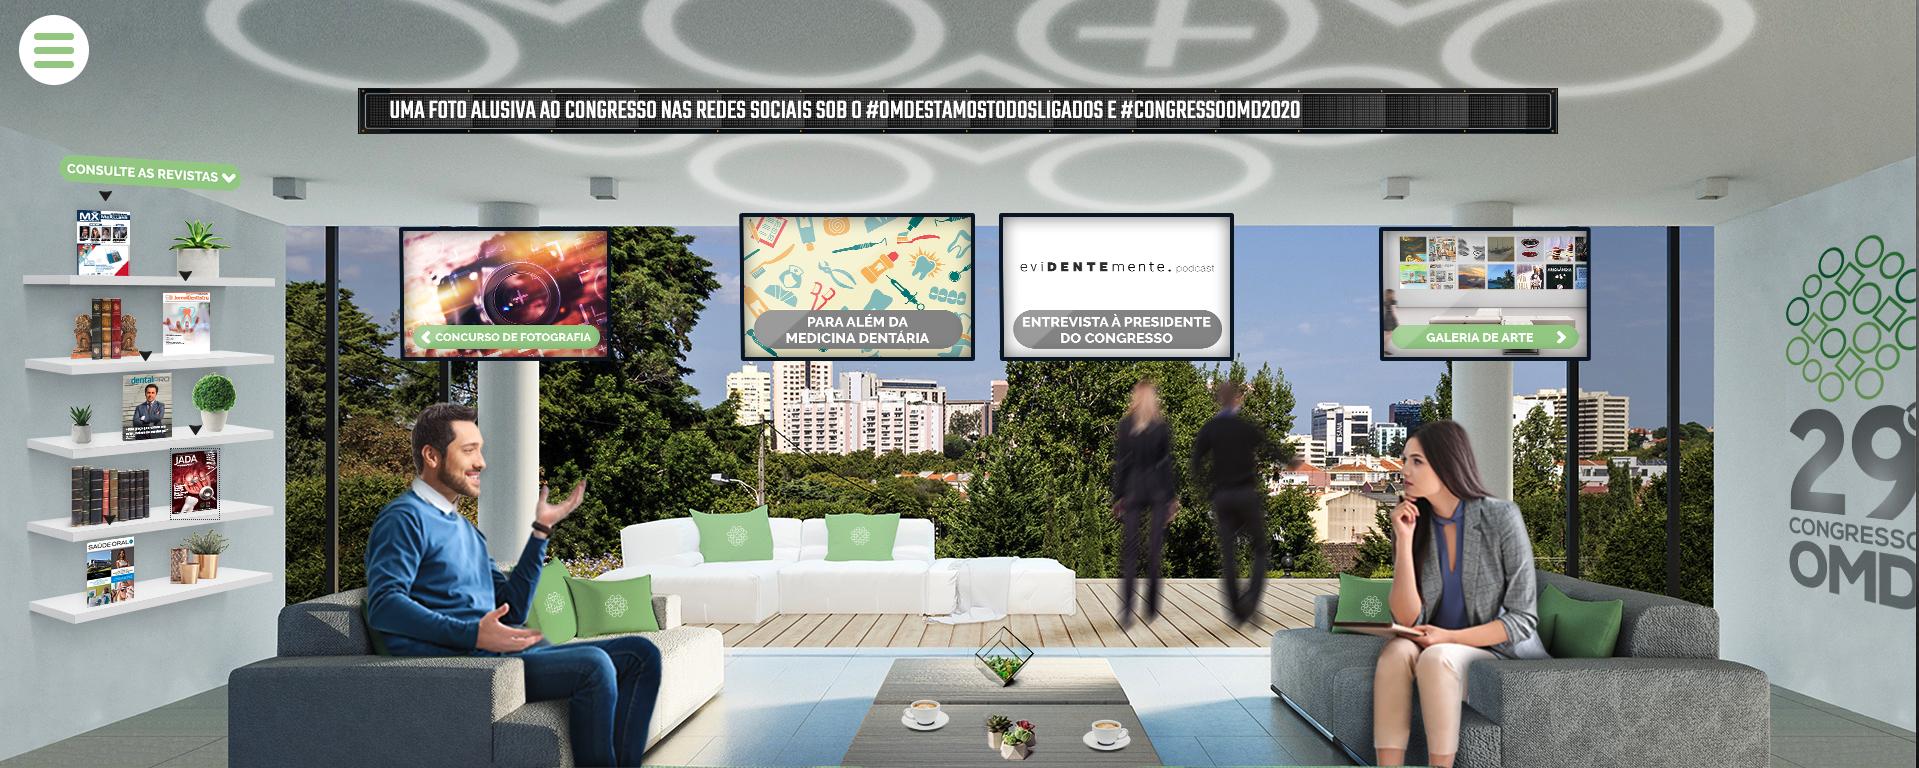 Imagem da notícia: DentalPro no 29º Congresso da OMD, em formato virtual